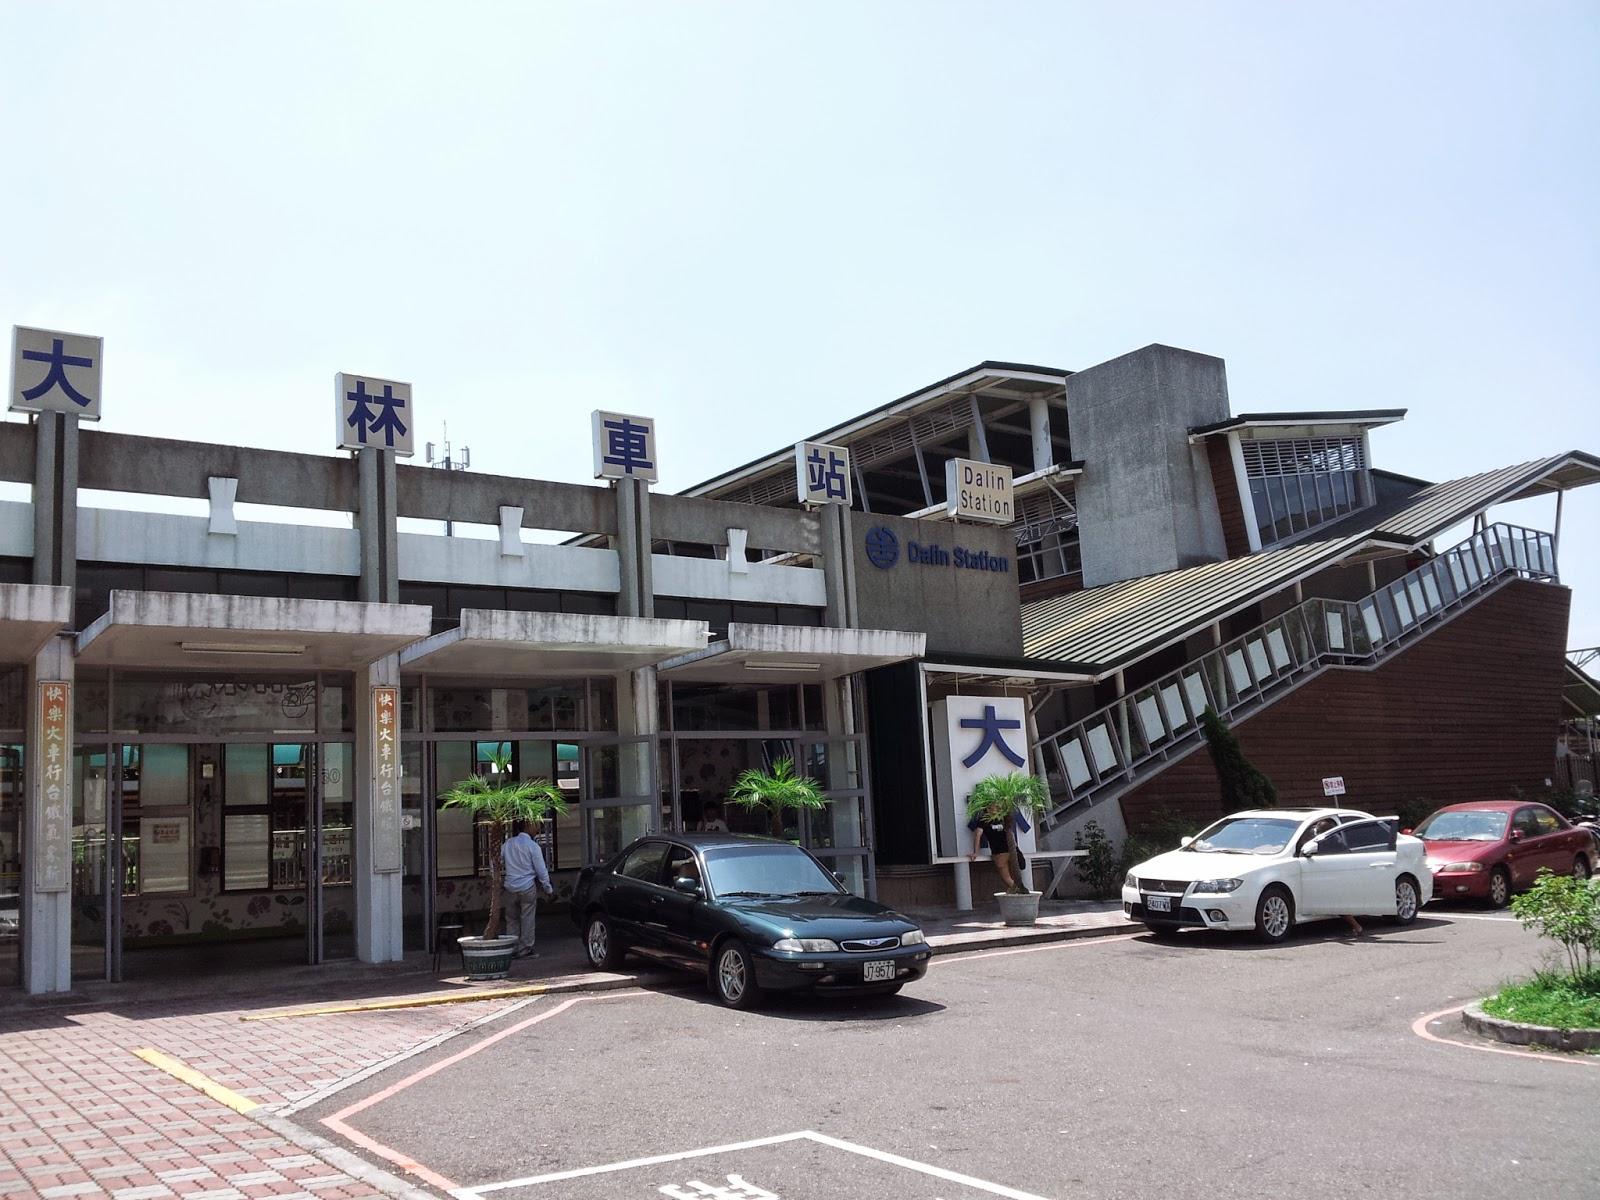 火車站 | [組圖+影片] 的最新詳盡資料** (必看!!) - www.go2tutor.com